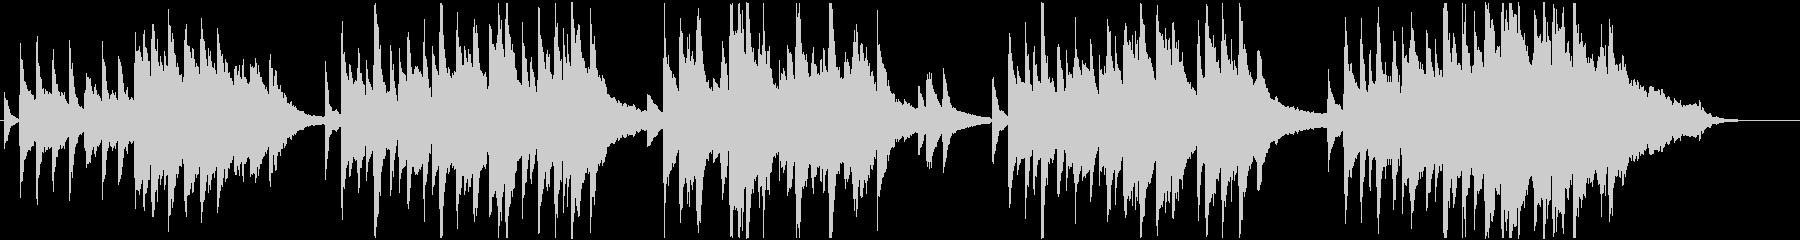 ピアノとクラシックギターの静かなバラードの未再生の波形